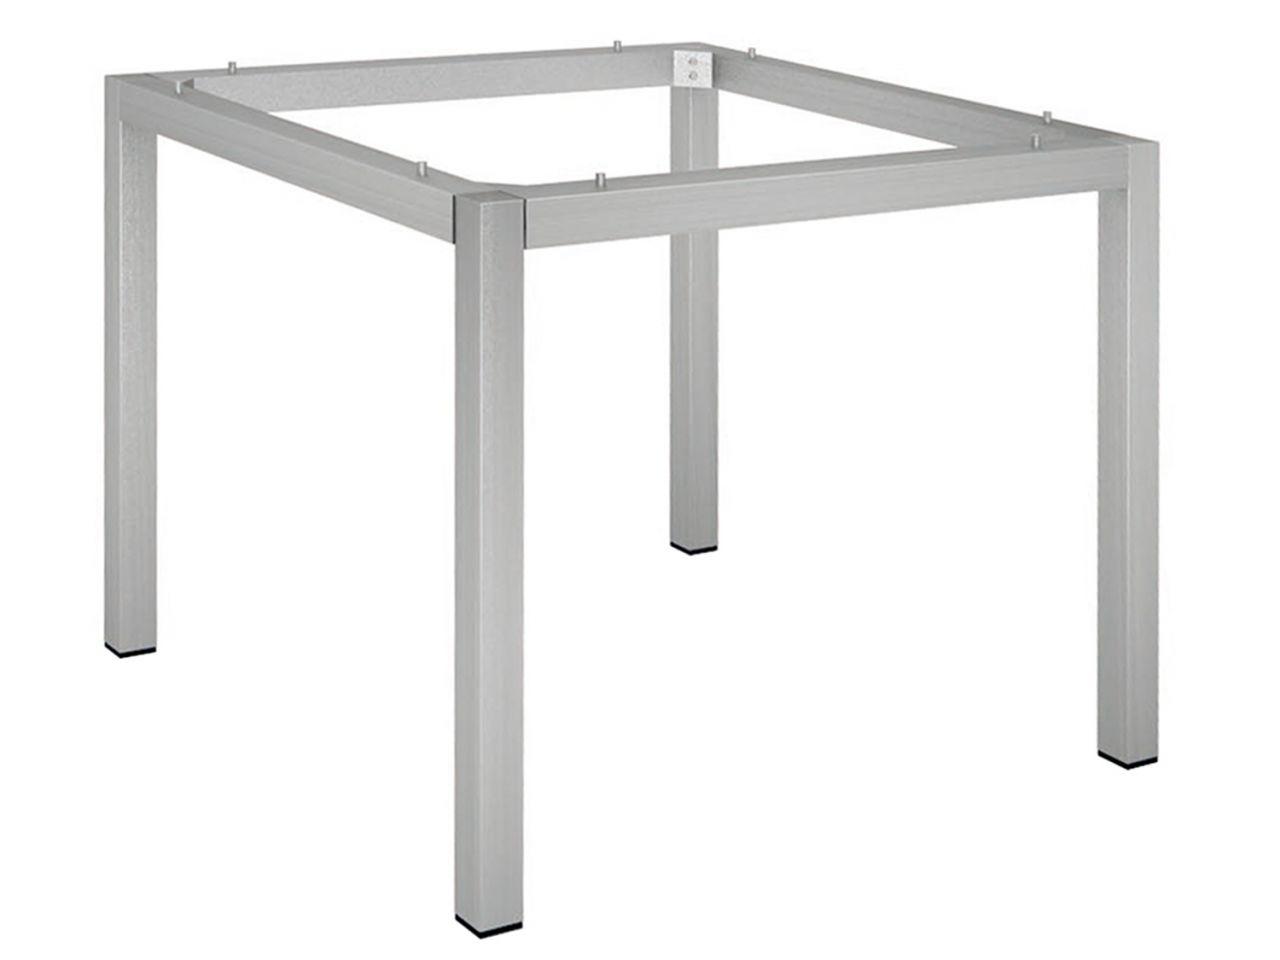 Stern Tischgestell 90x90cm Edelstahl Vierkantrohr